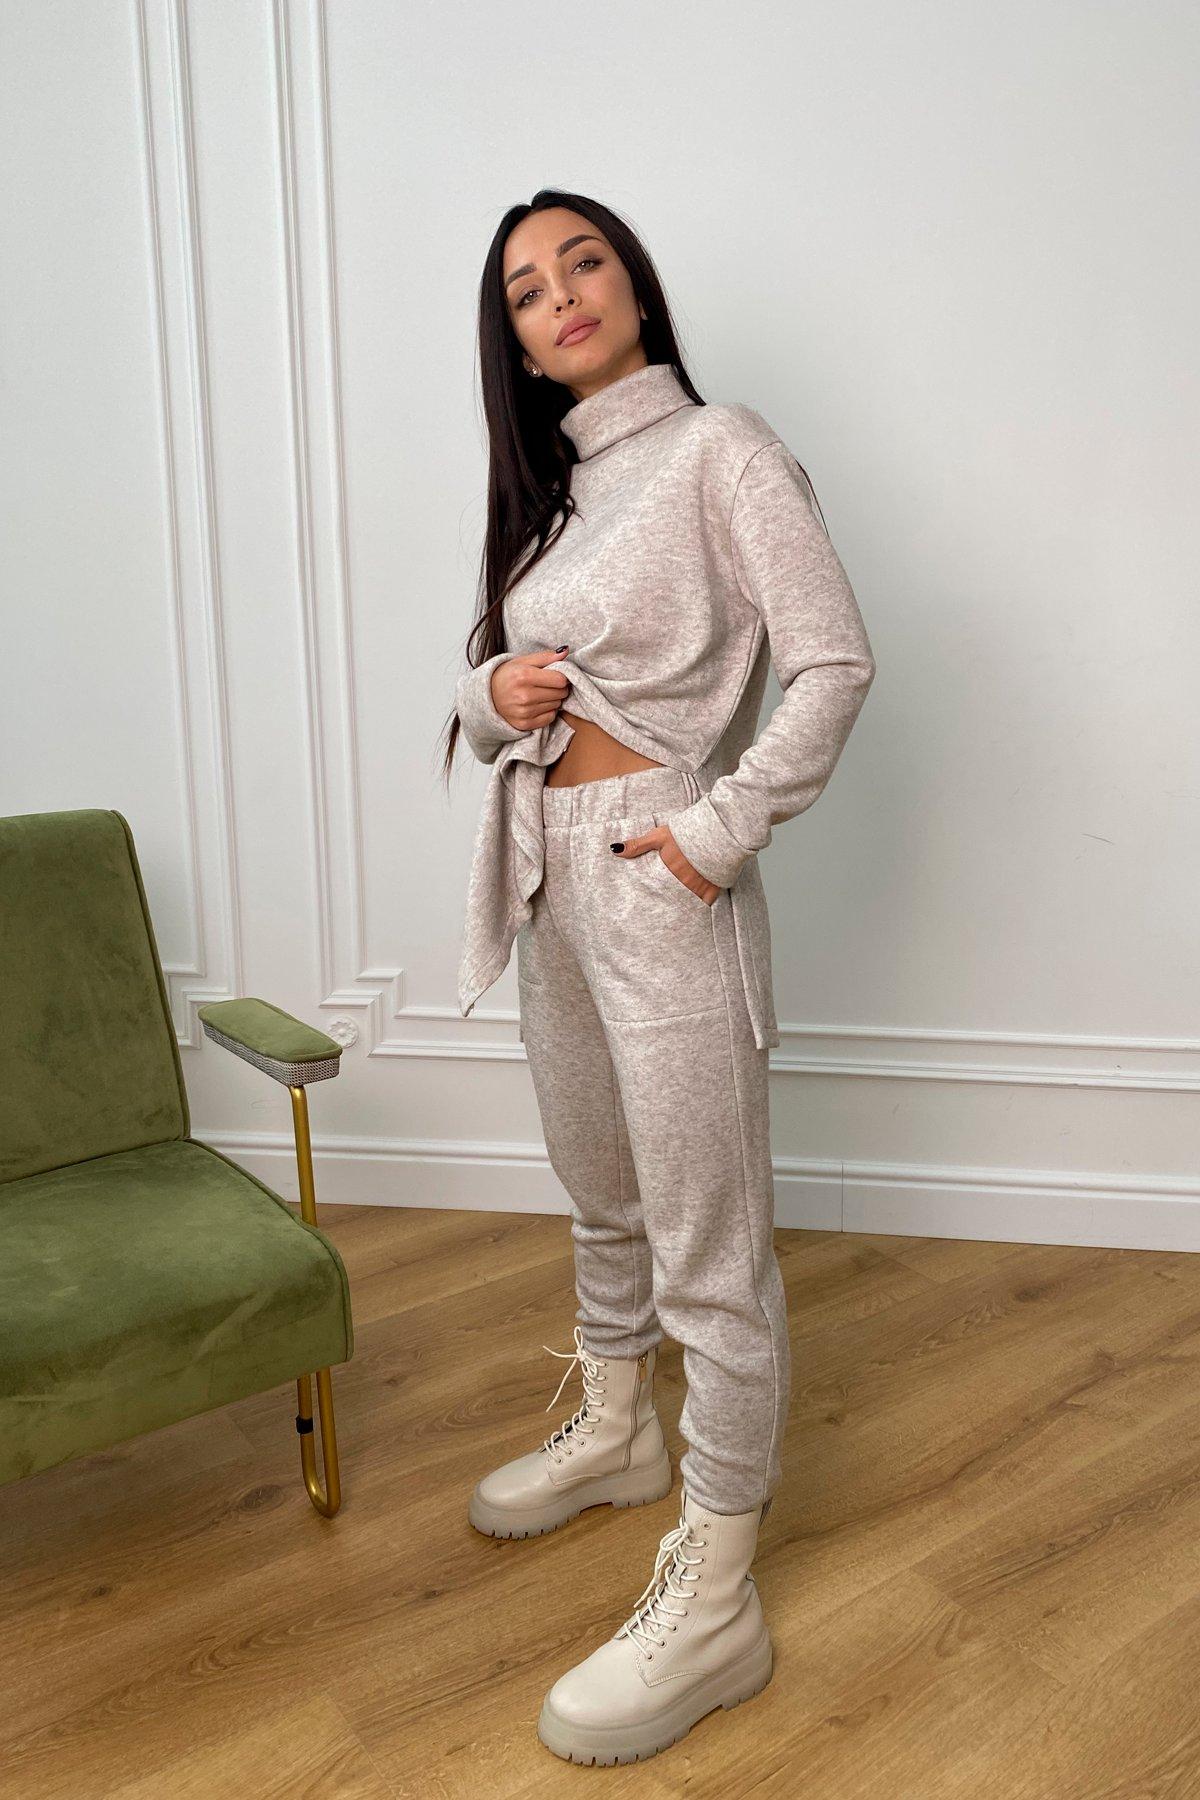 Купить женские костюмы оптом  Люкс прогулочный костюм  из ангоры  9975